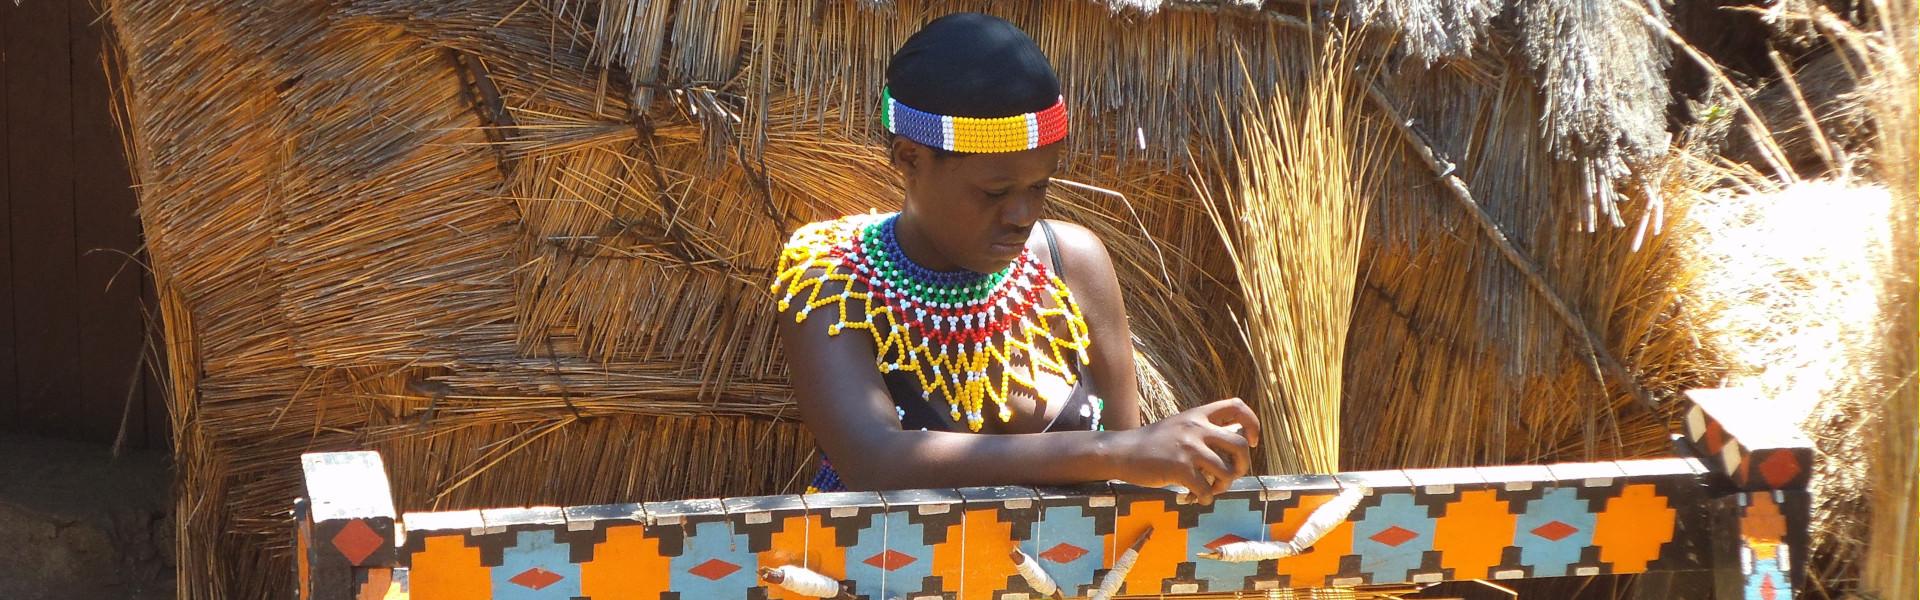 Mietwagenreisen Südafrika - Kulturreisen